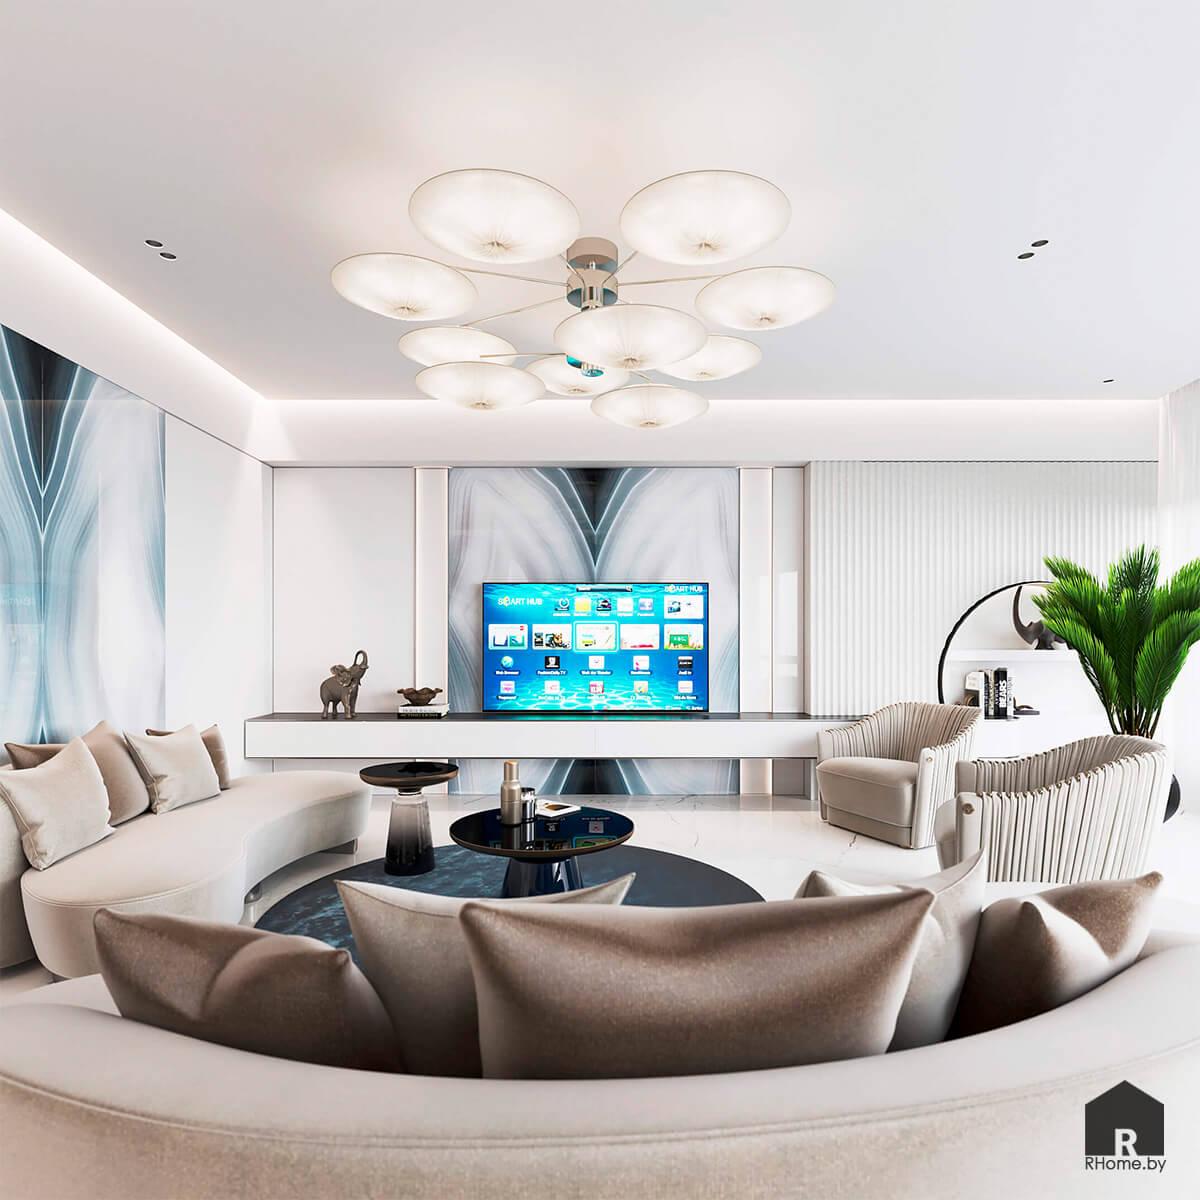 Квартира в Москве. ТВ-зона в гостиной перед диваном с атласными подушками и большой яркой люстрой на потолке.